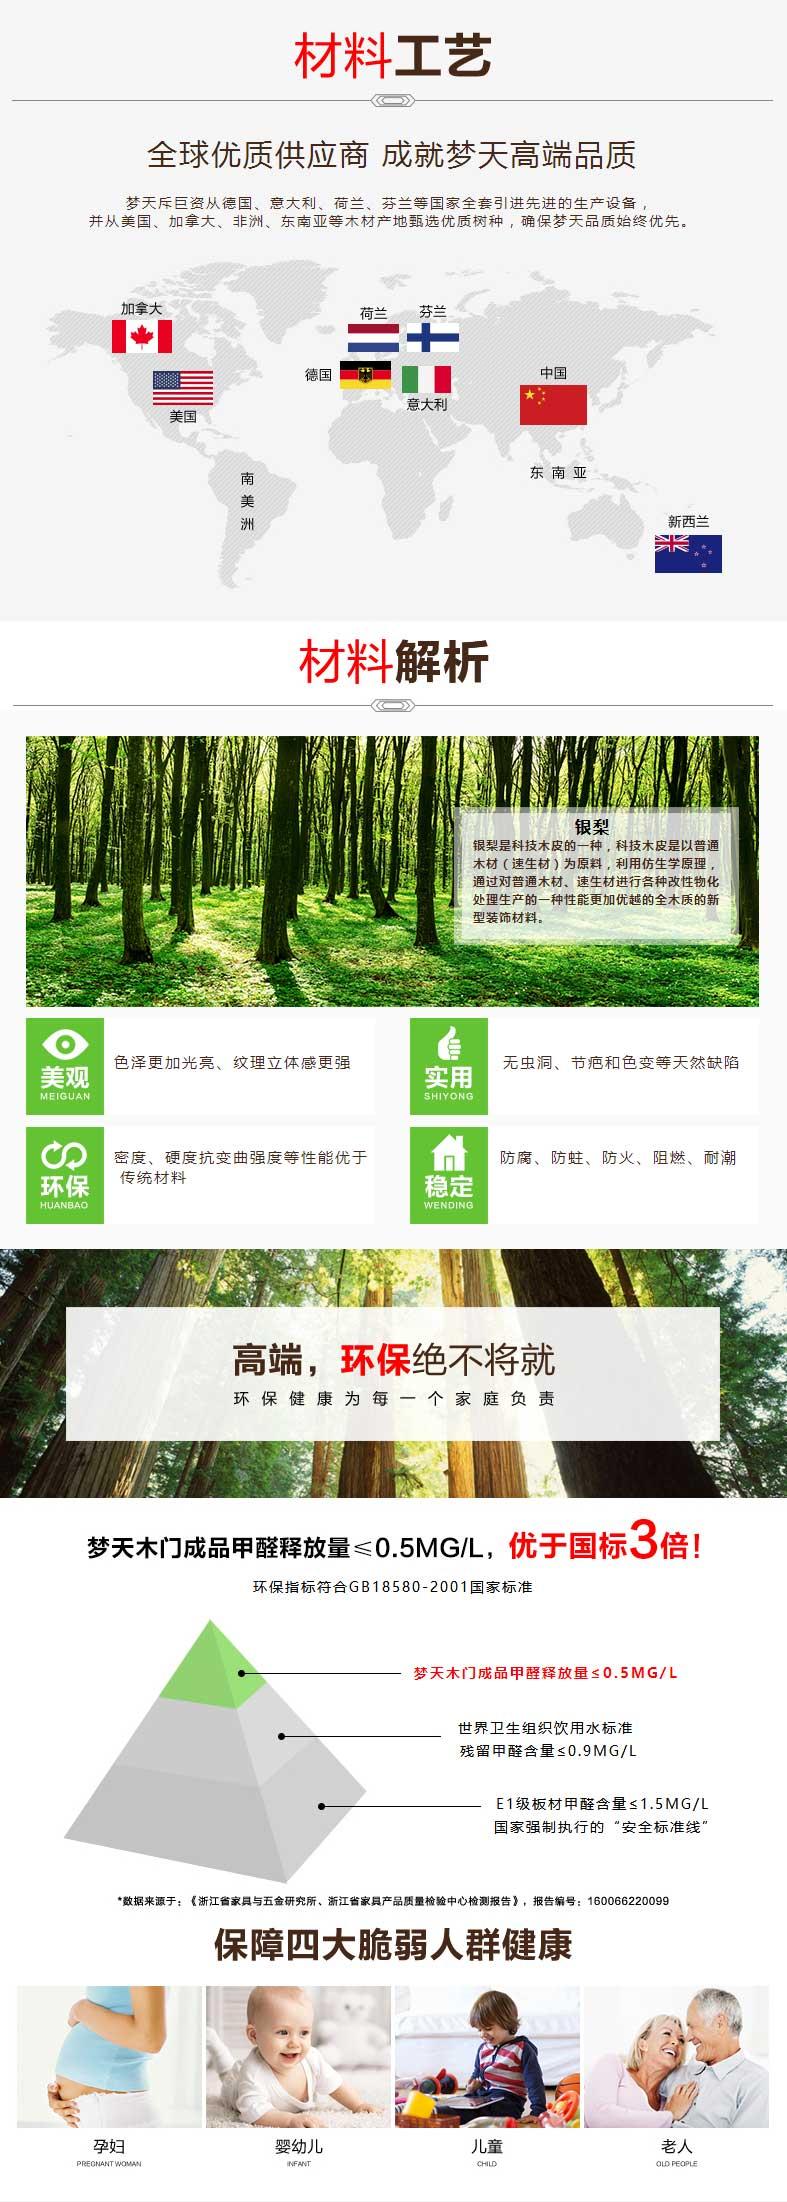 梦天木门-实木复合门#4M11银梨_05.jpg